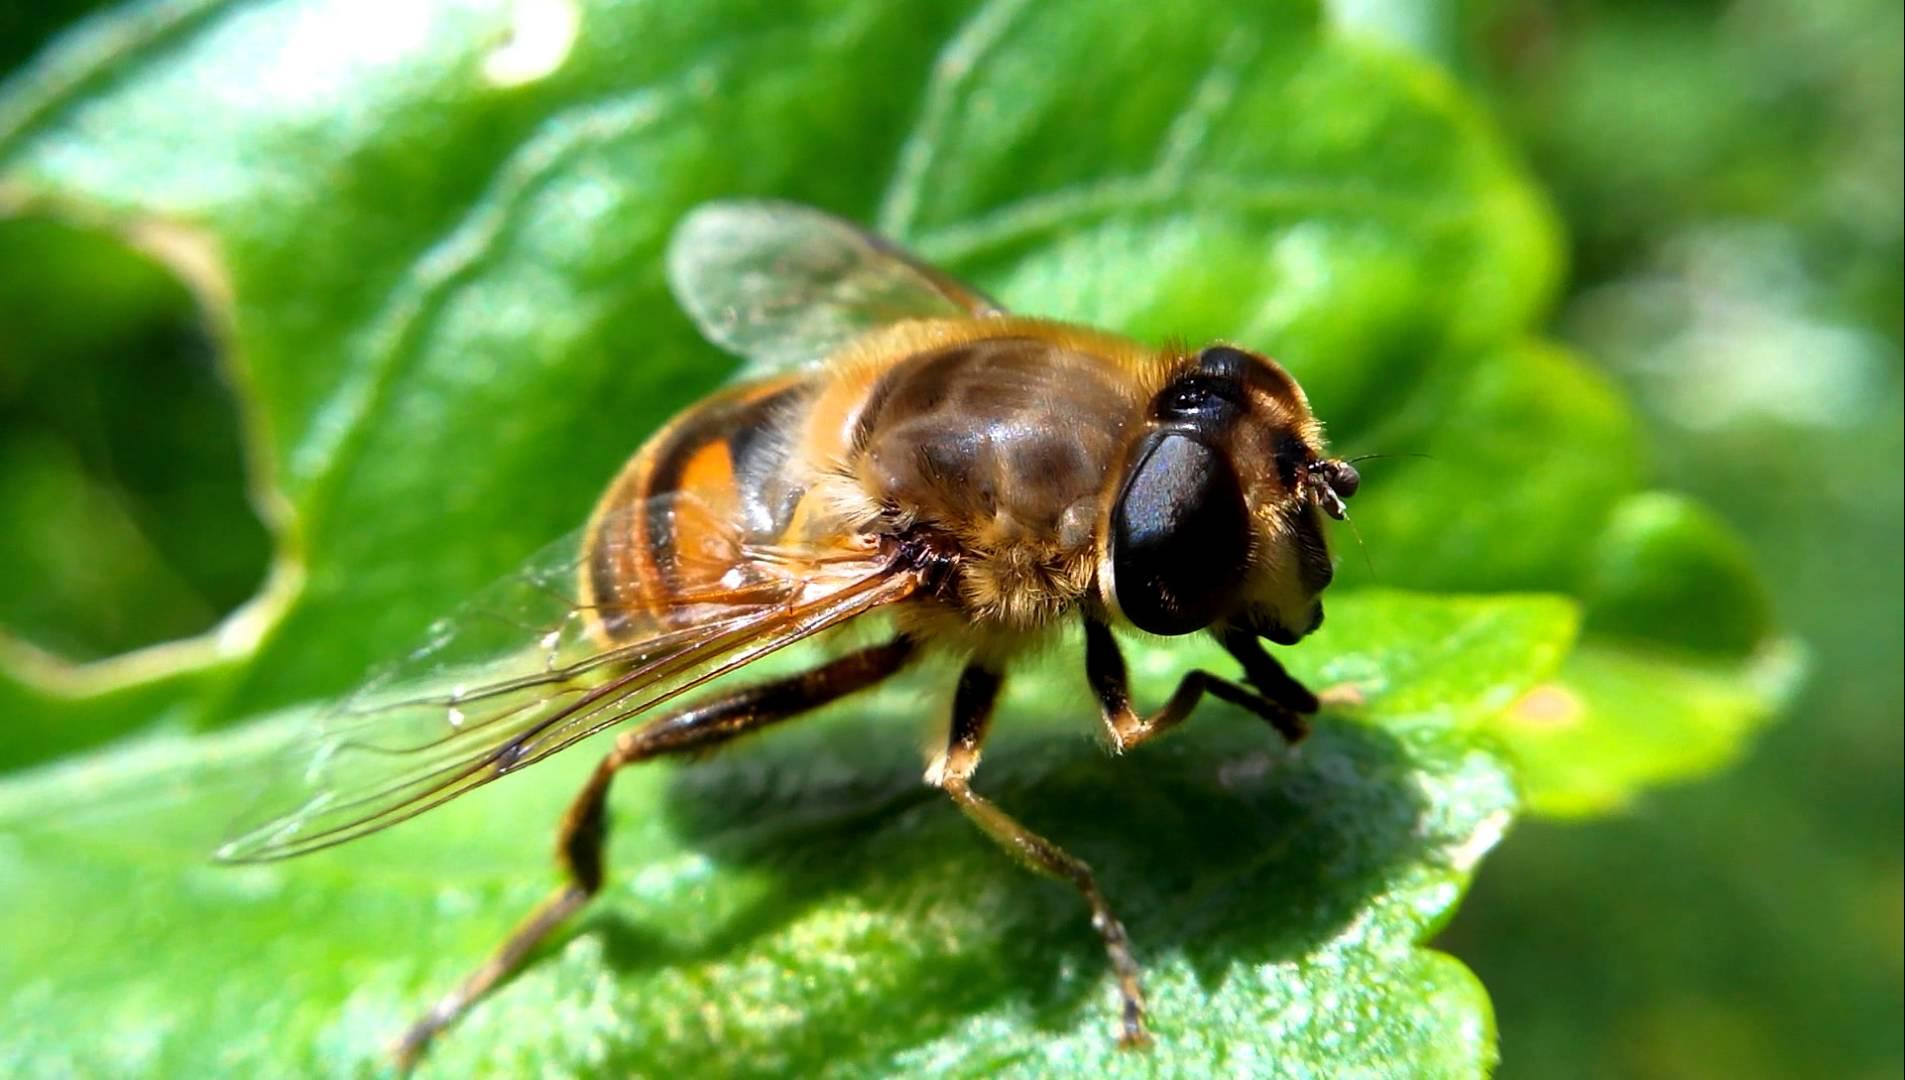 Mosca abeja: Todo lo que debes saber sobre estas especies